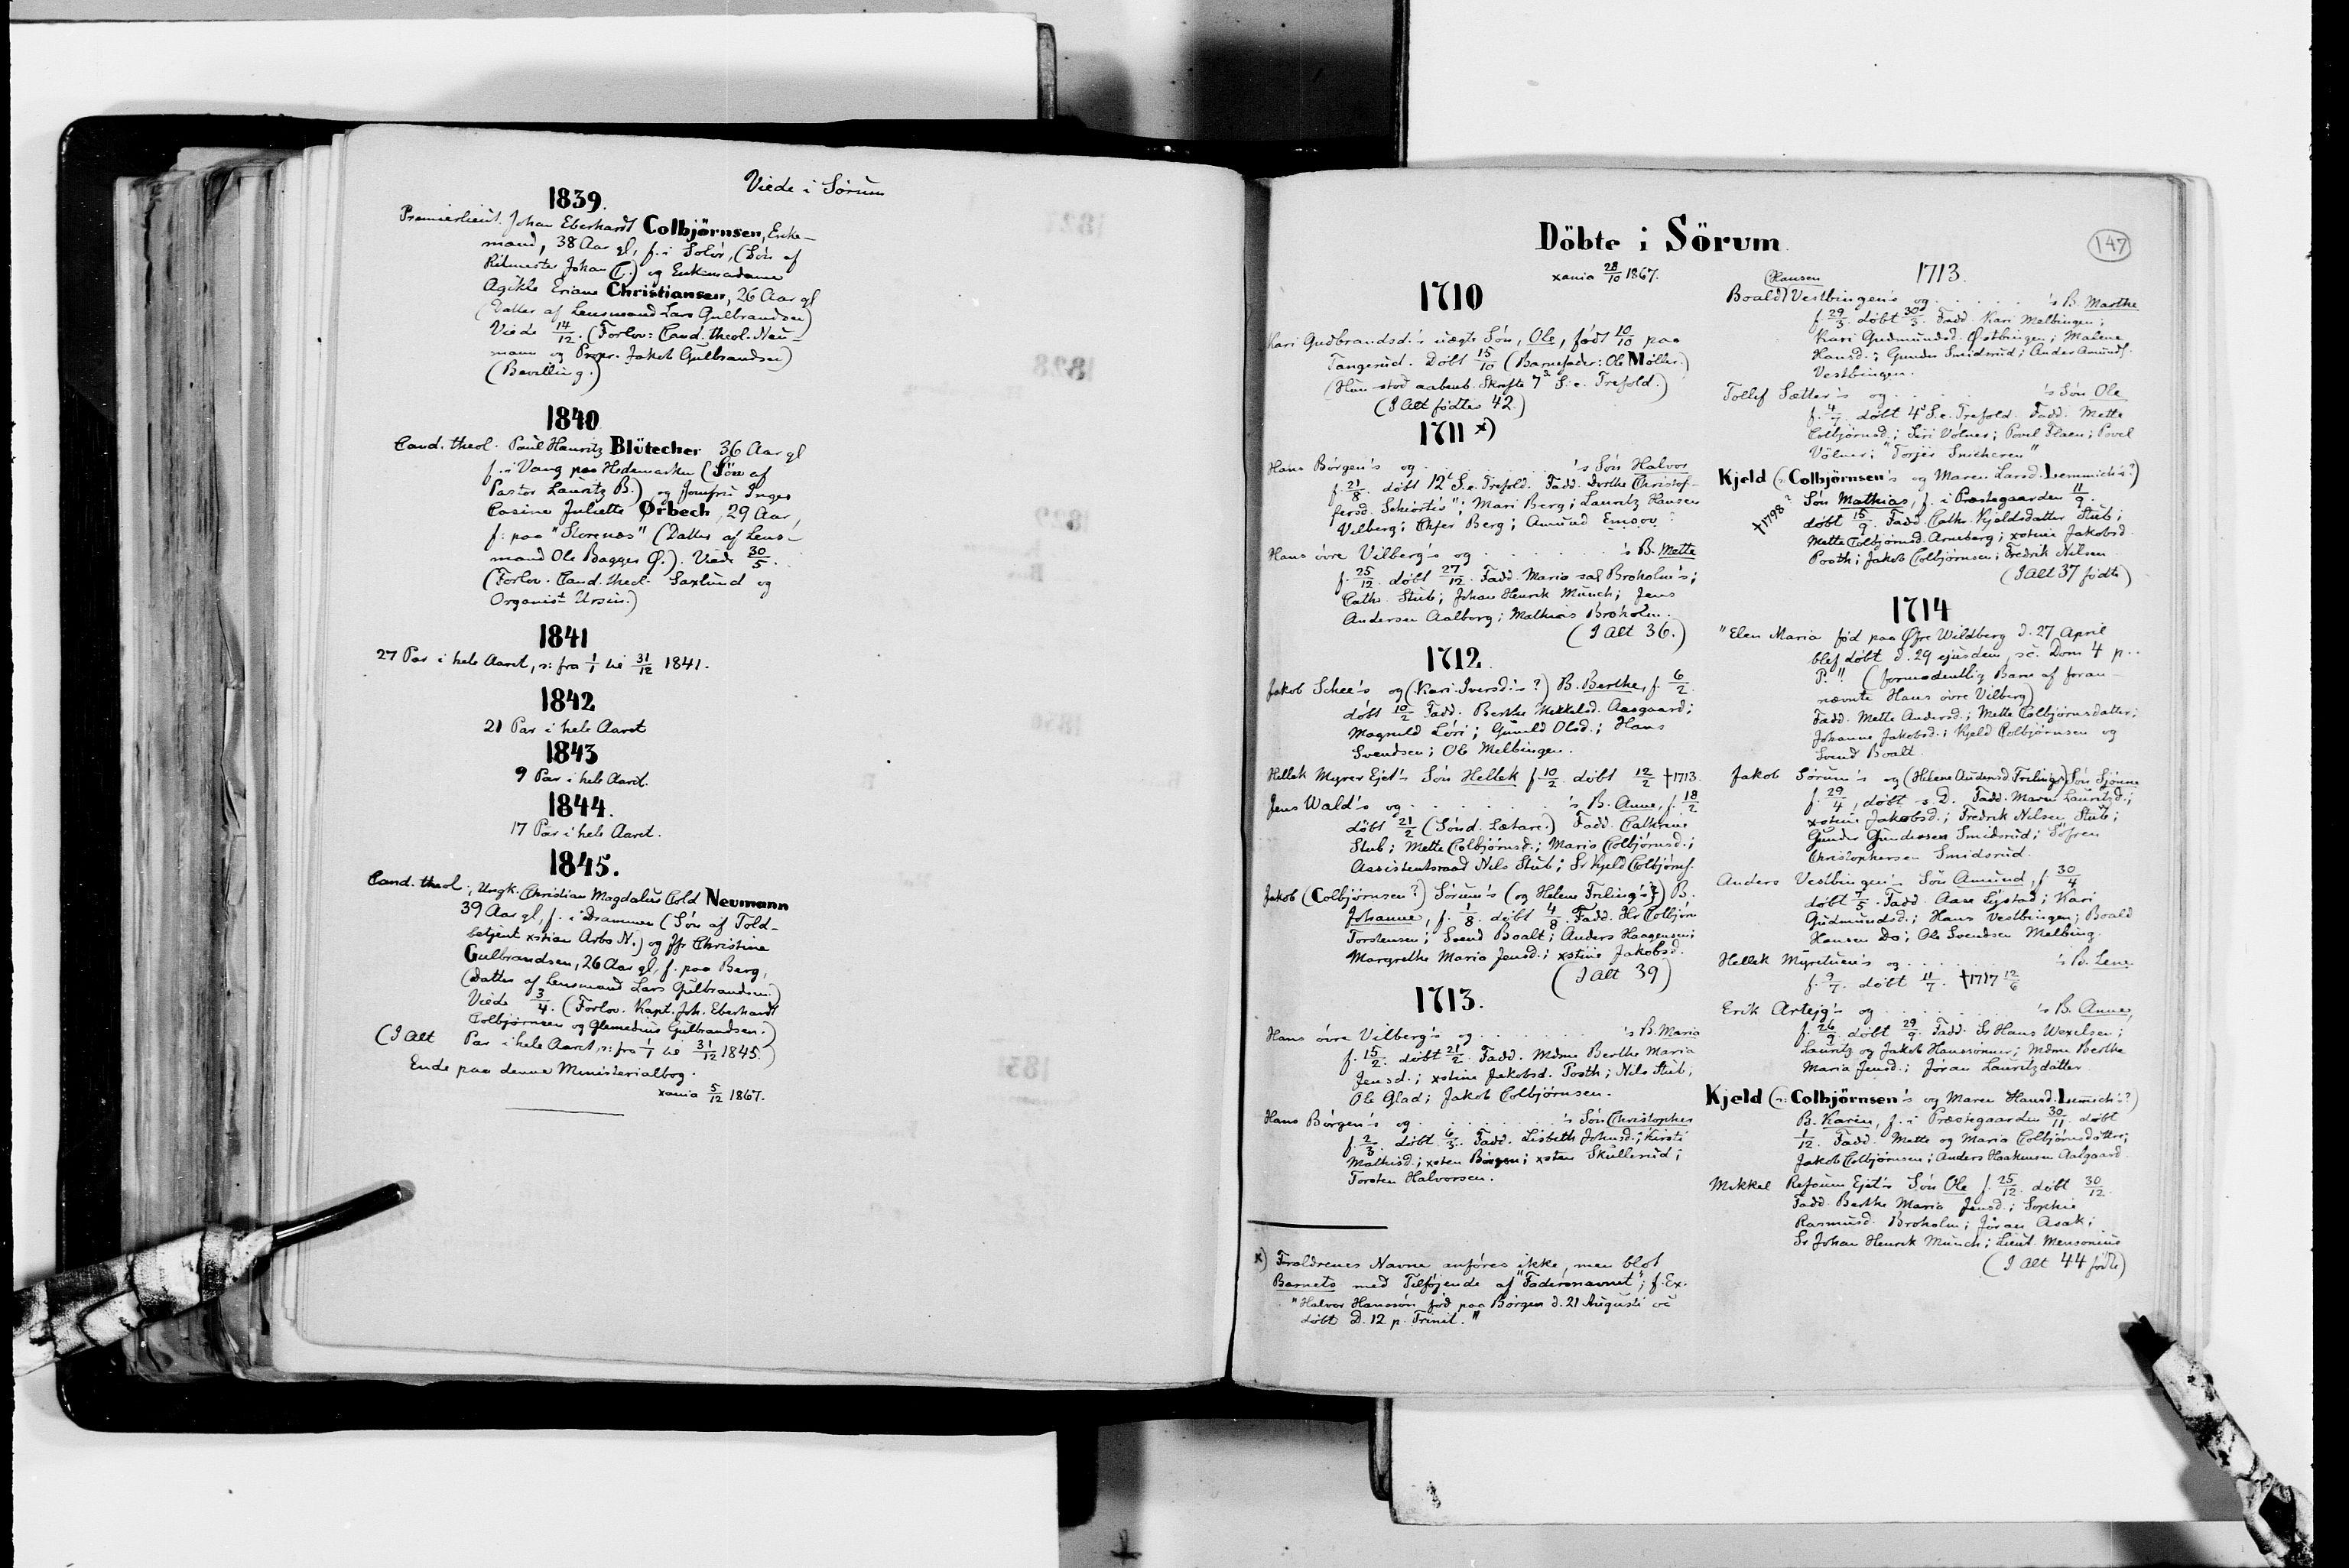 RA, Lassens samlinger, F/Fc, s. 147